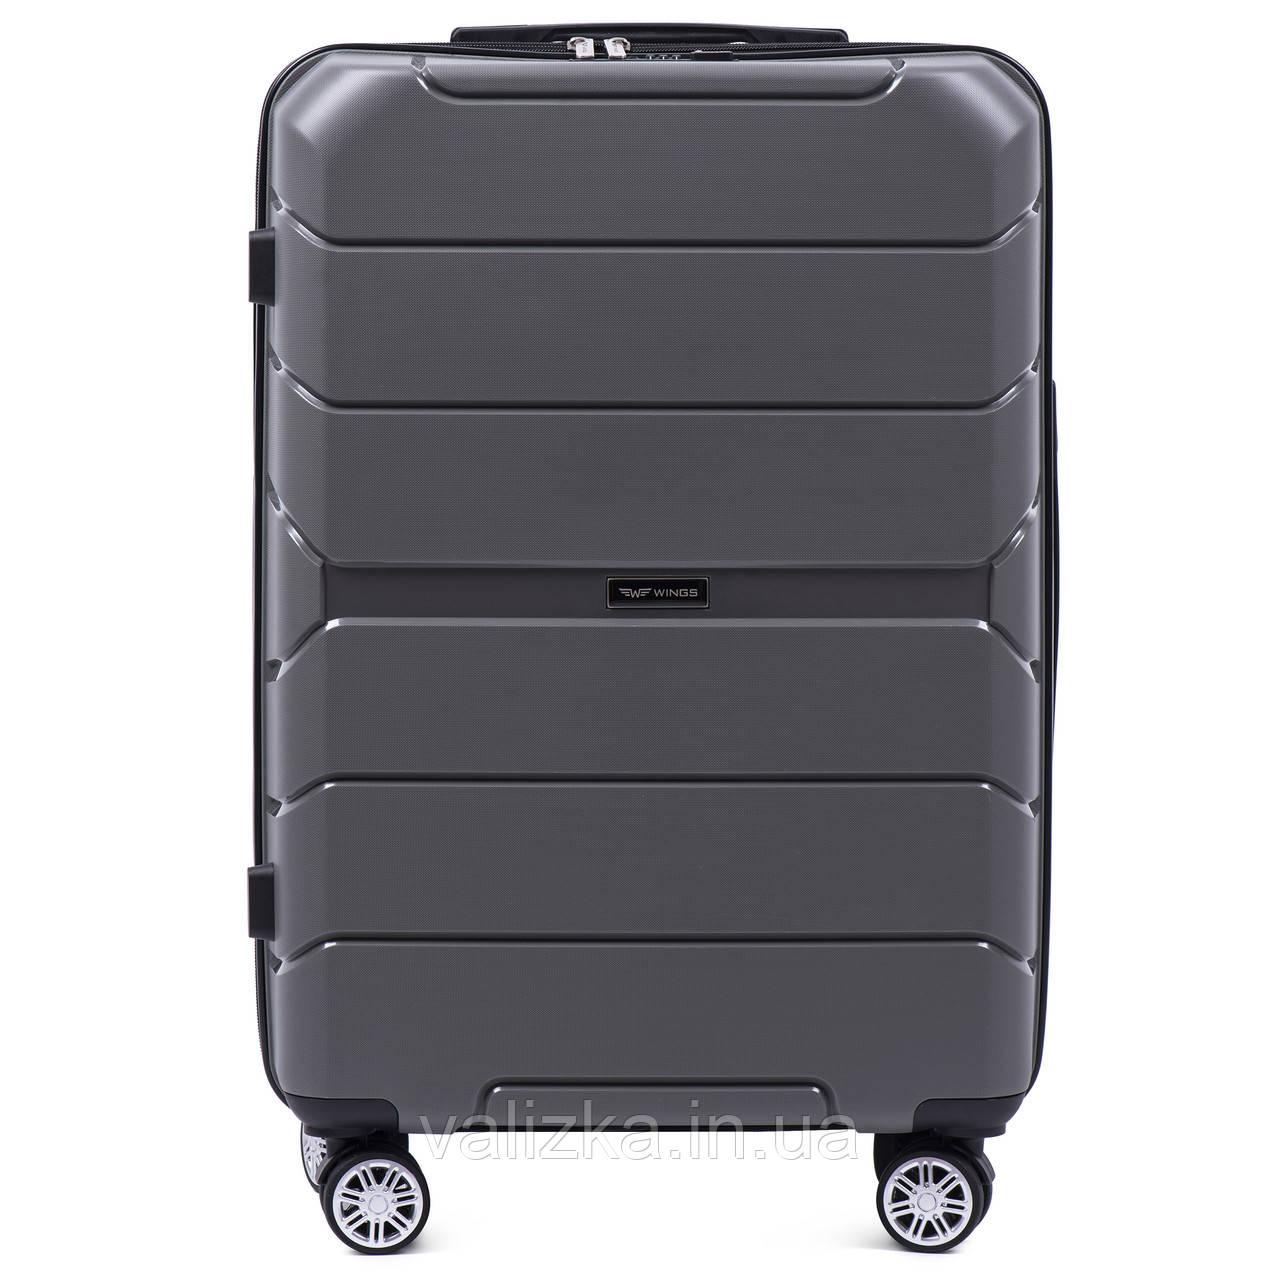 Средний чемодан серого цвета из полипропилена премиум серии на 4-х двойных колесах с ТСА замком